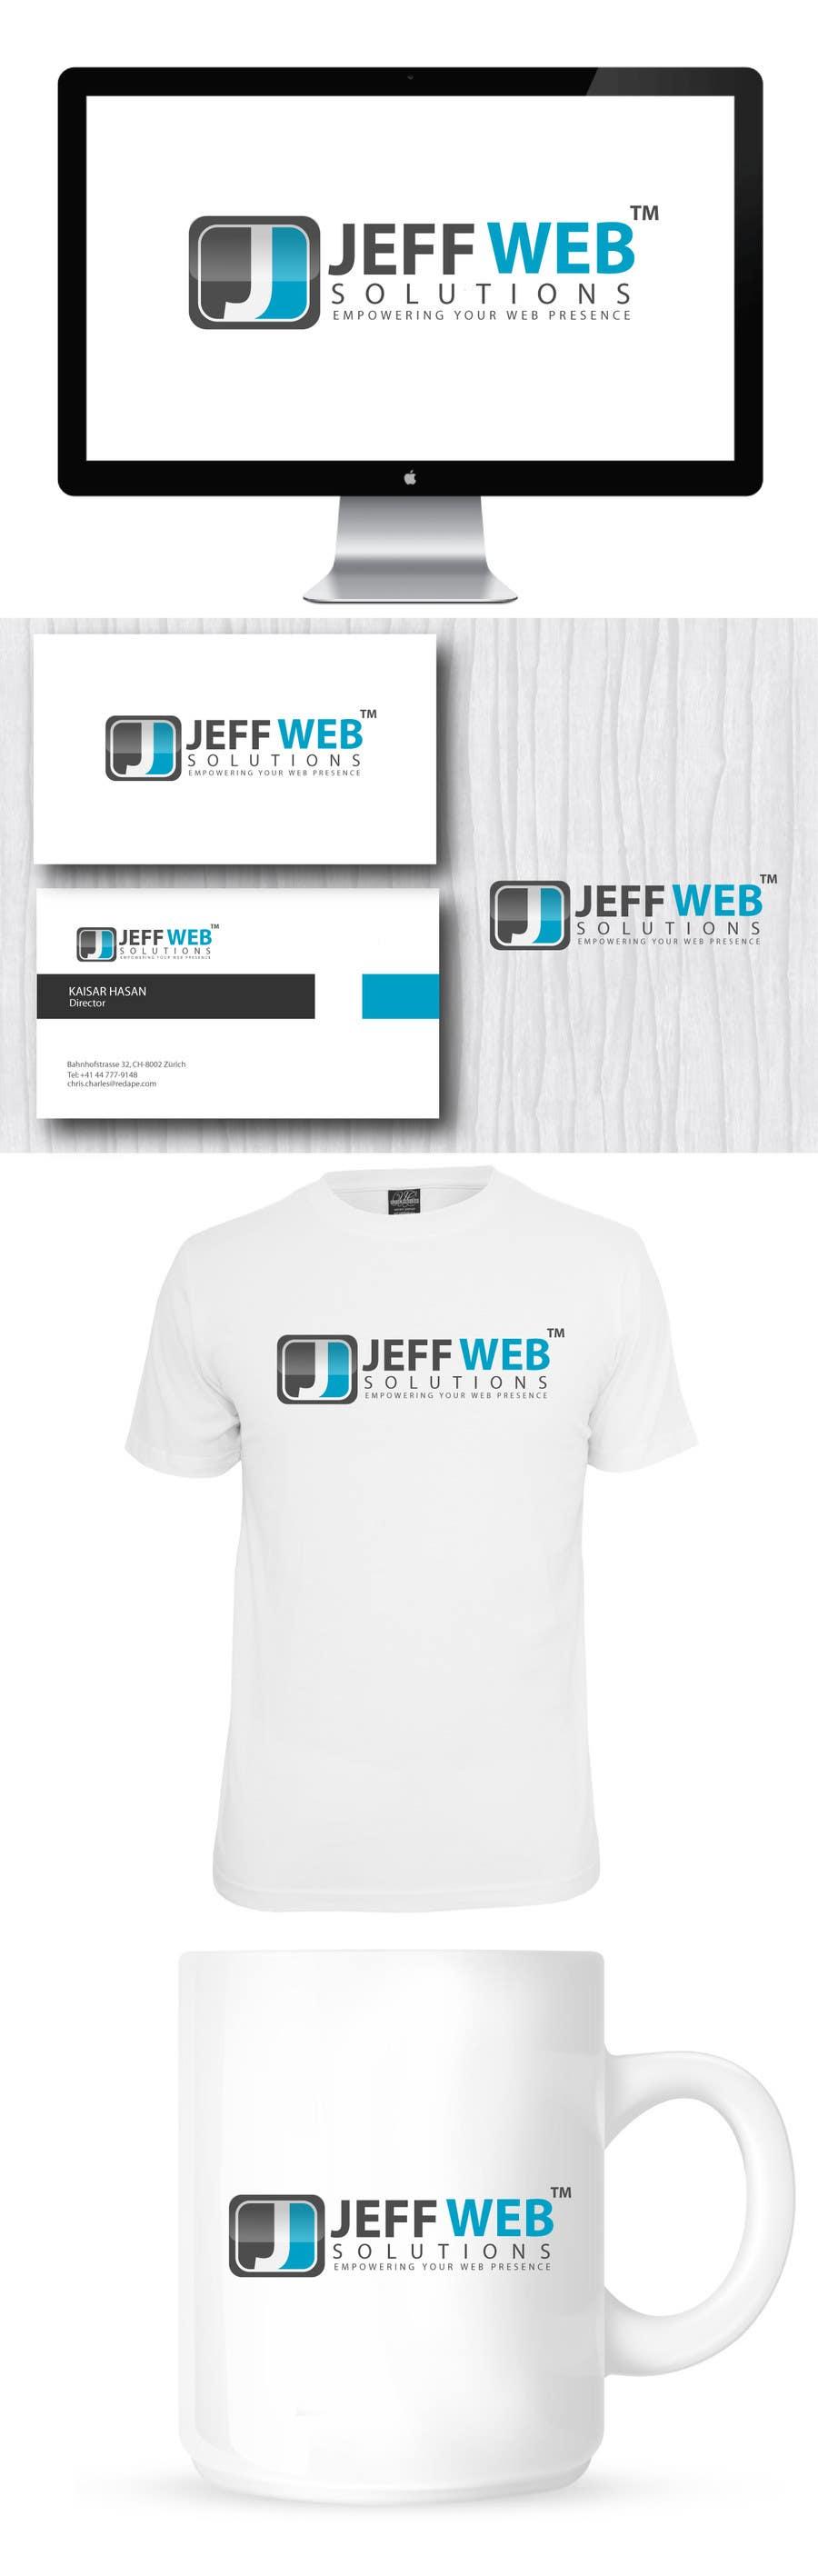 Bài tham dự cuộc thi #                                        65                                      cho                                         Design a Logo for Jeff Web Solutions